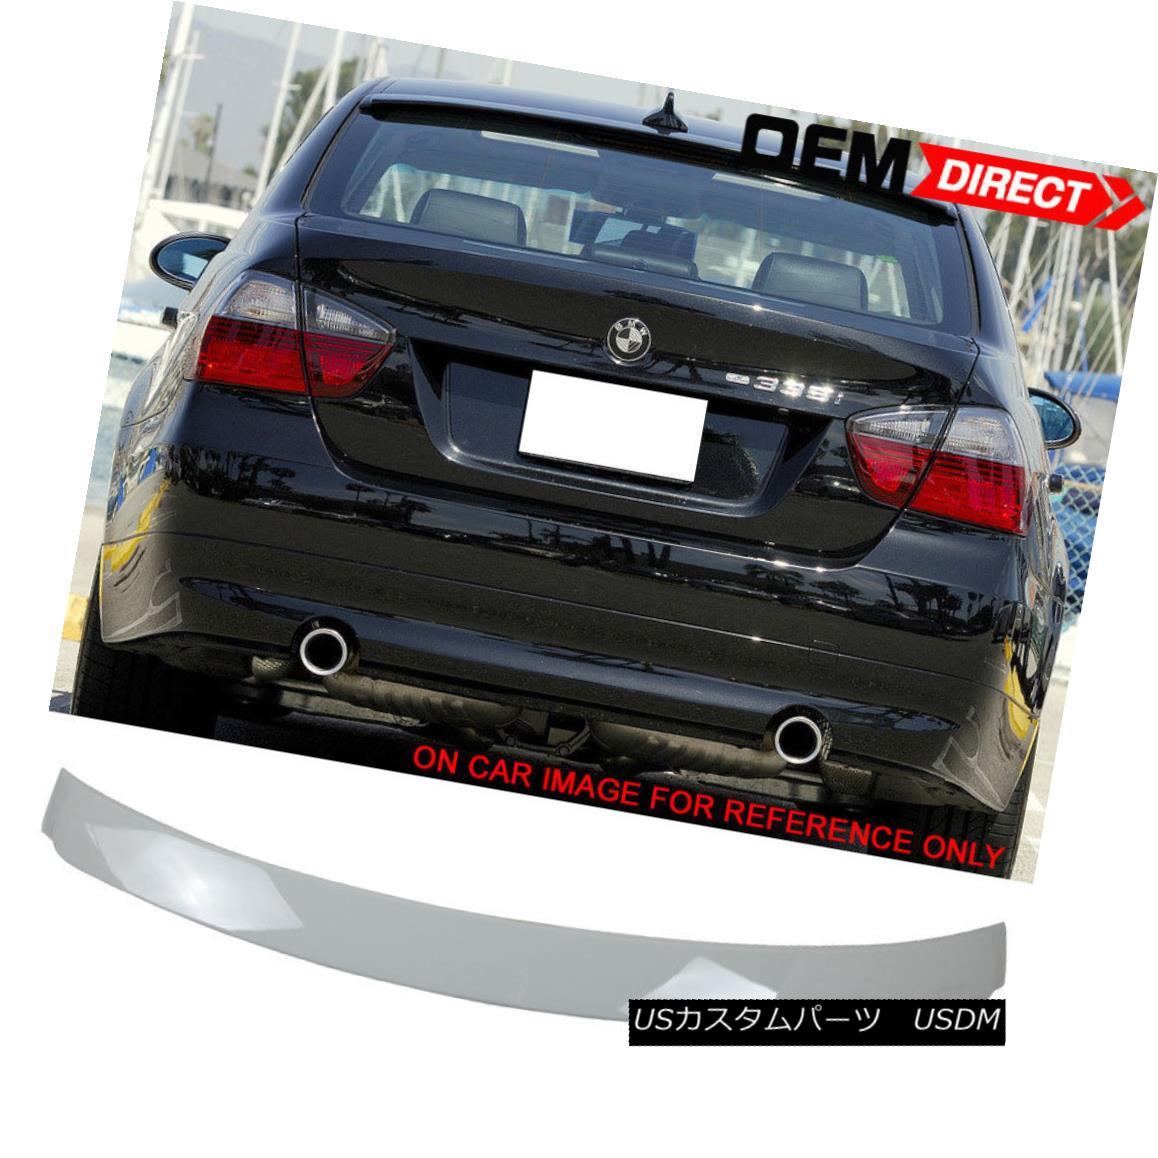 エアロパーツ 06-11 BMW 3 Series E90 4Dr Ac Painted Alpine White III #300 ABS Roof Spoiler 06-11 BMW 3シリーズE90 4Dr Ac塗装アルパインホワイトIII#300 ABSルーフスポイラー